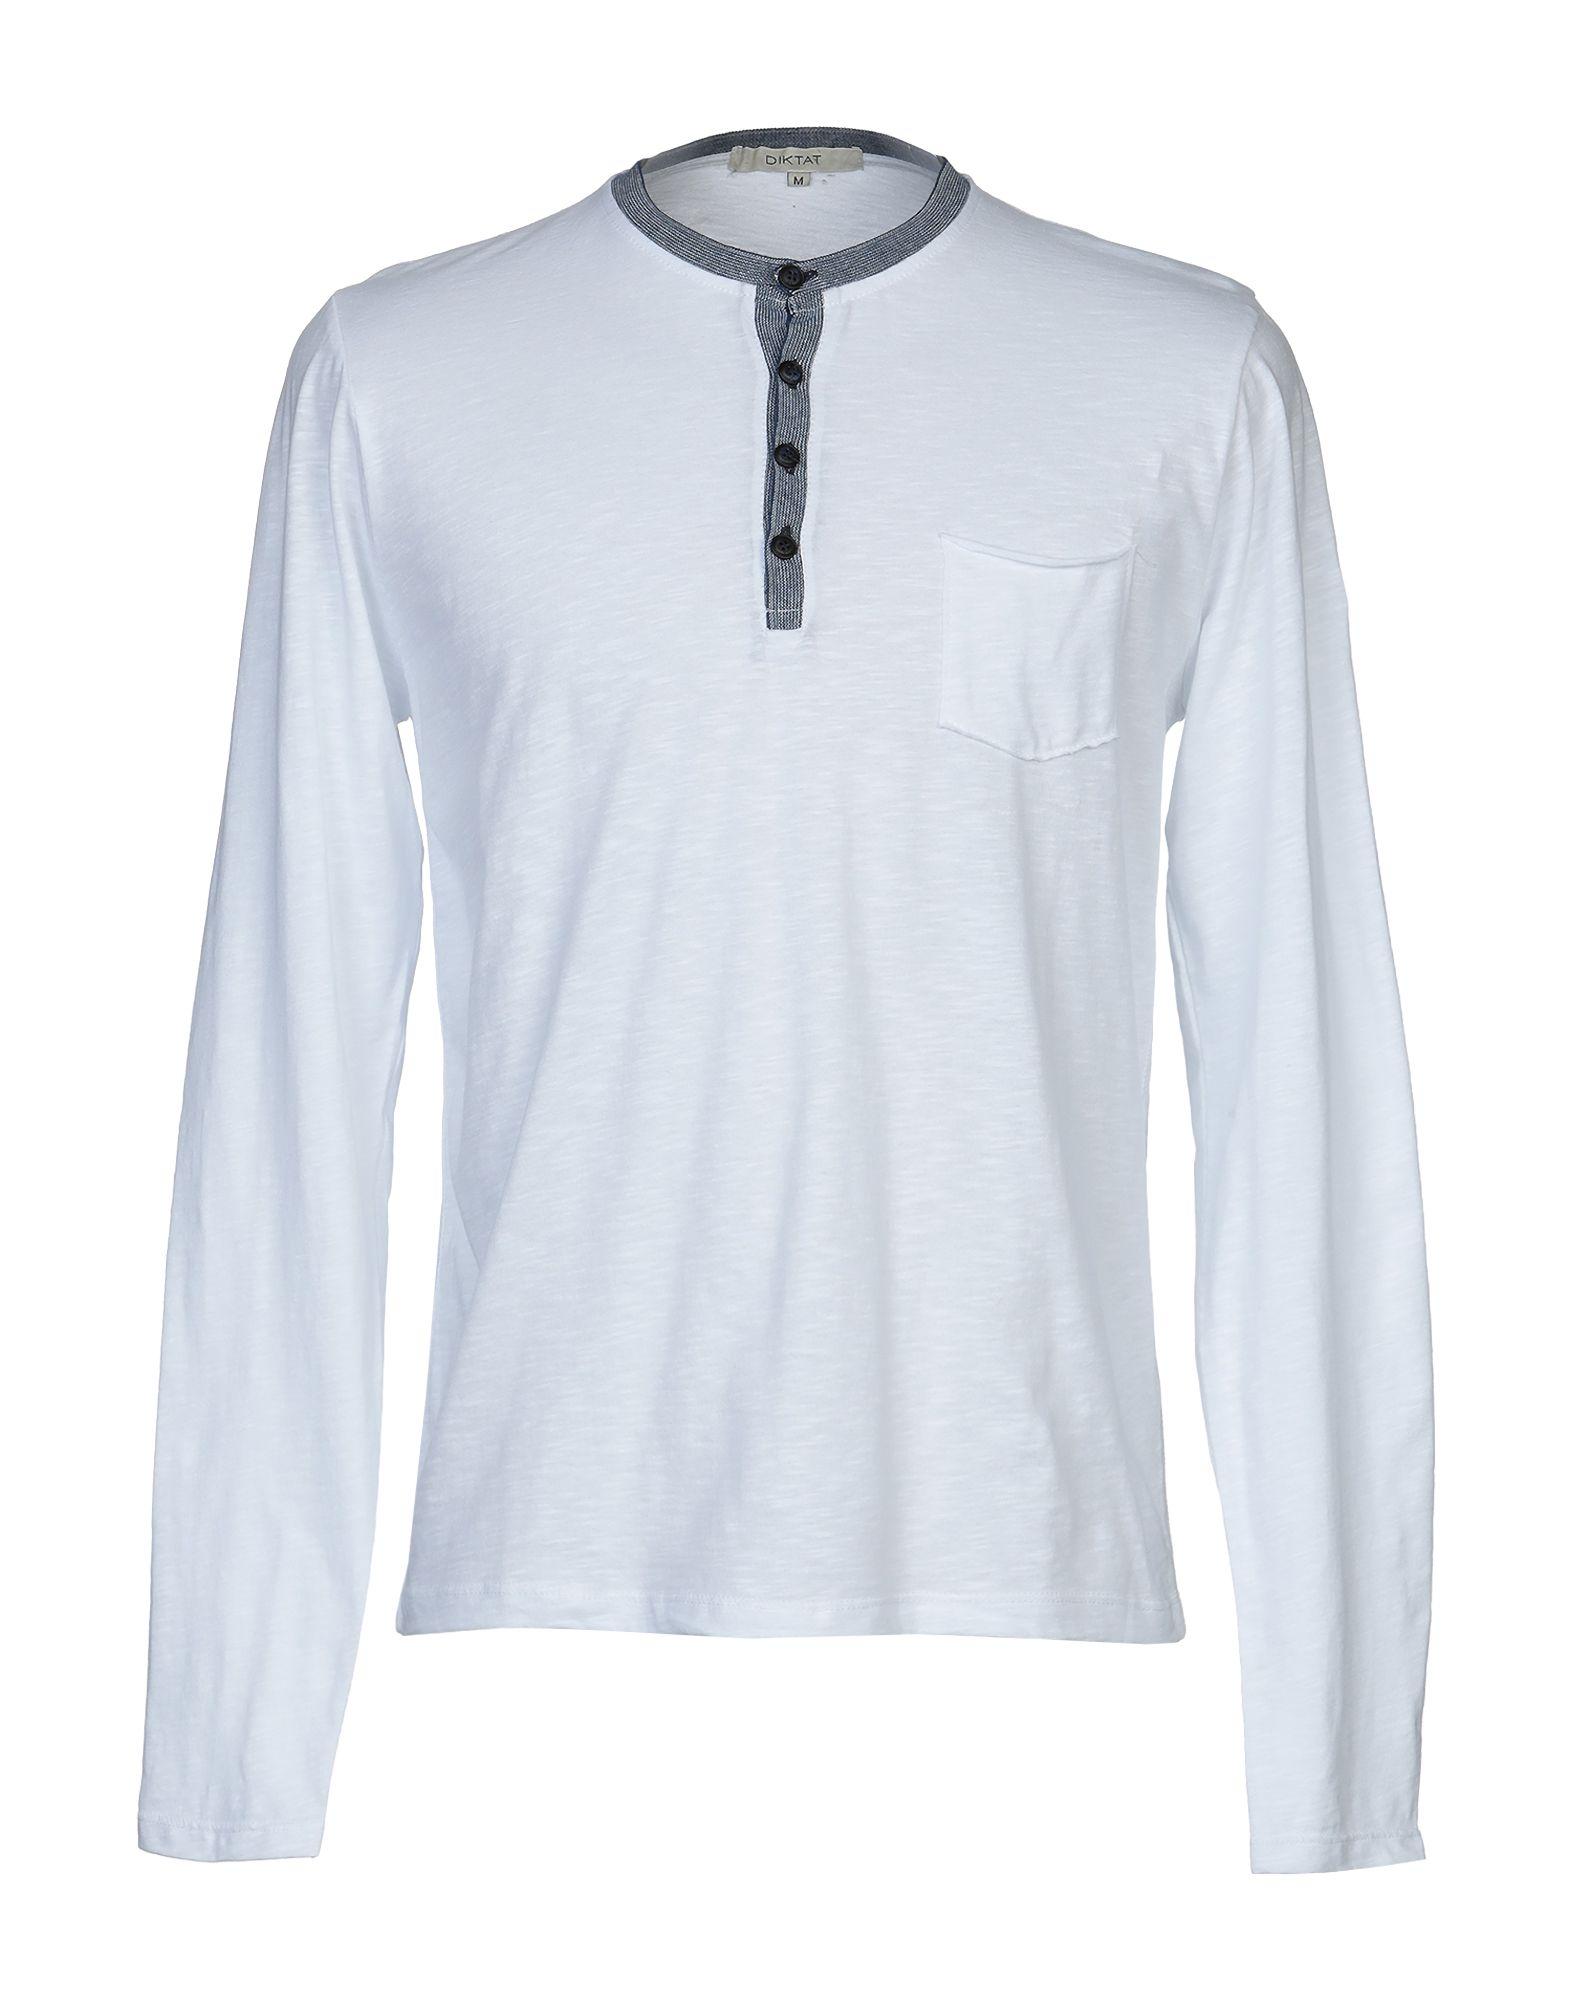 T-Shirt Diktat uomo uomo - 12271314SS